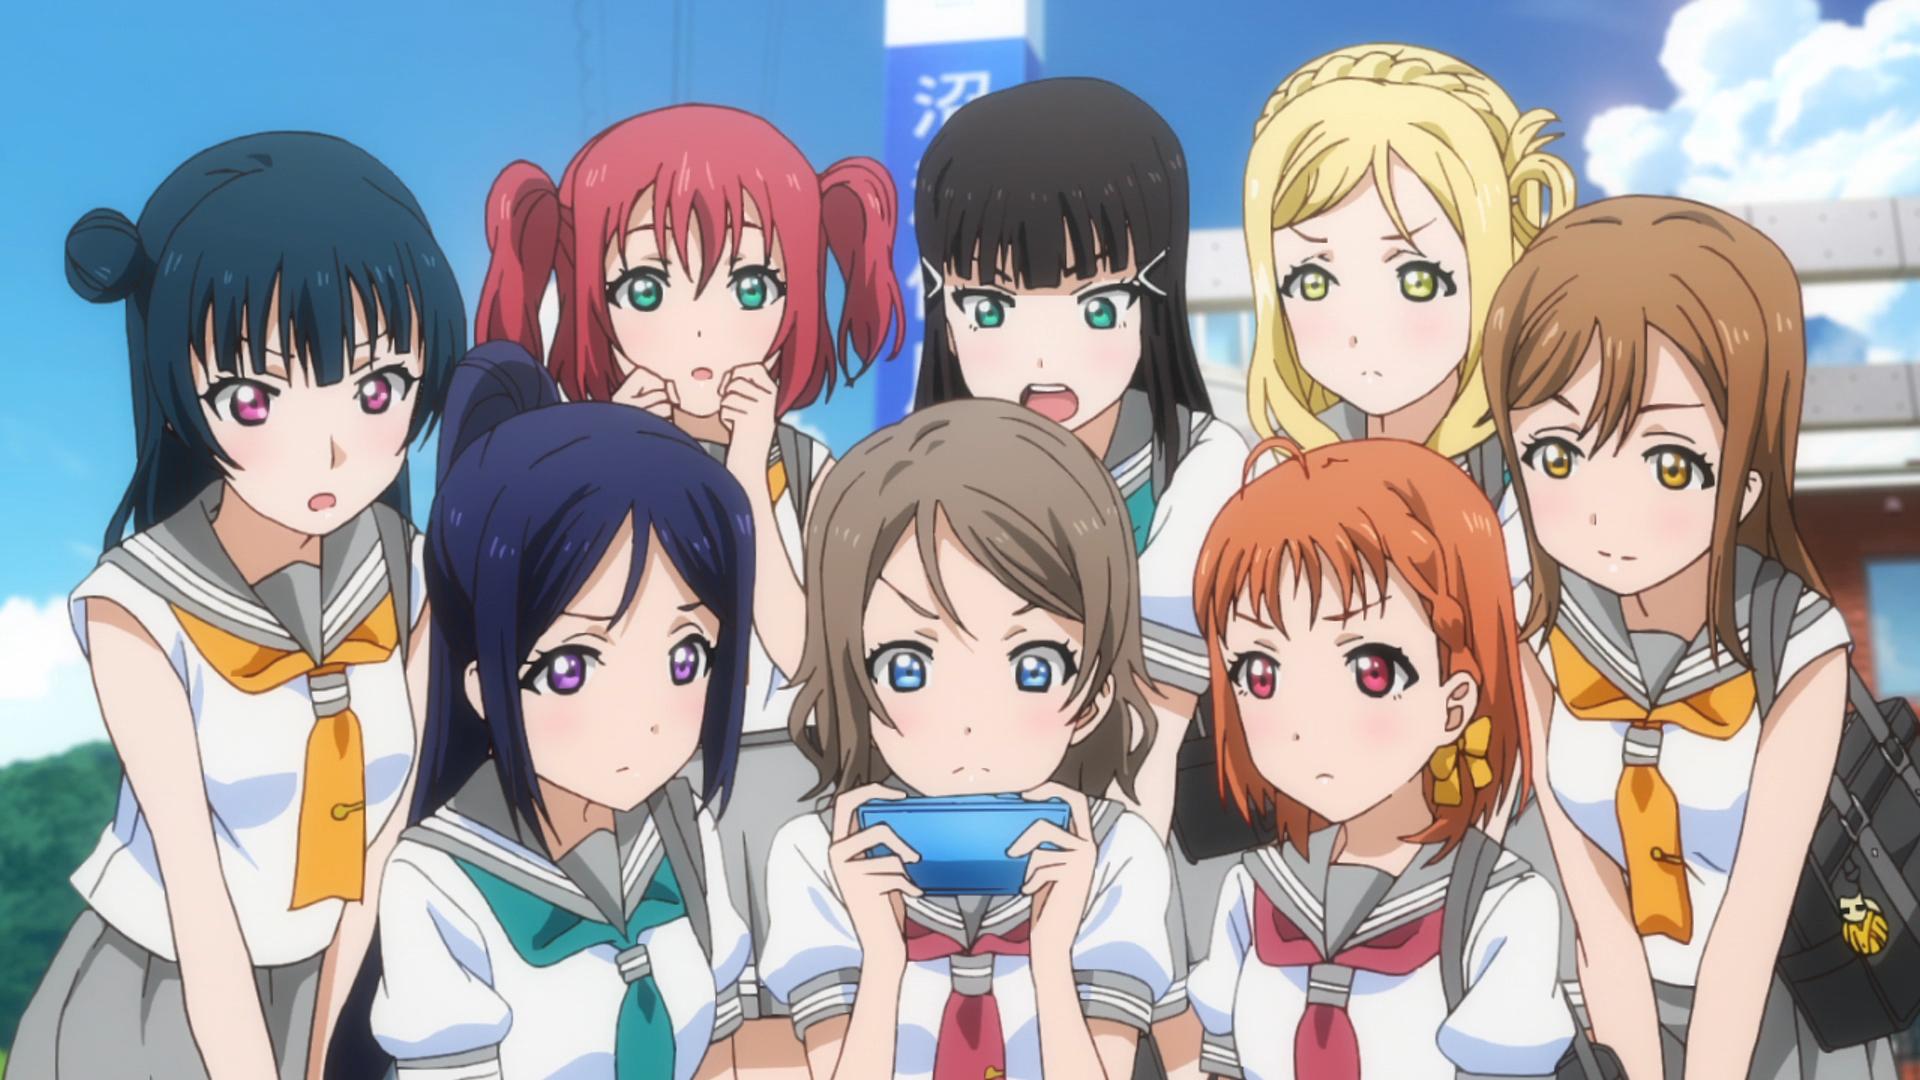 ¡Las chicas de Aqours se reúnen alrededor de un teléfono inteligente para ver las clasificaciones de ídolos de la escuela en una escena de Love Live!  ¡¡Brillo Solar!!  Anime de TV.